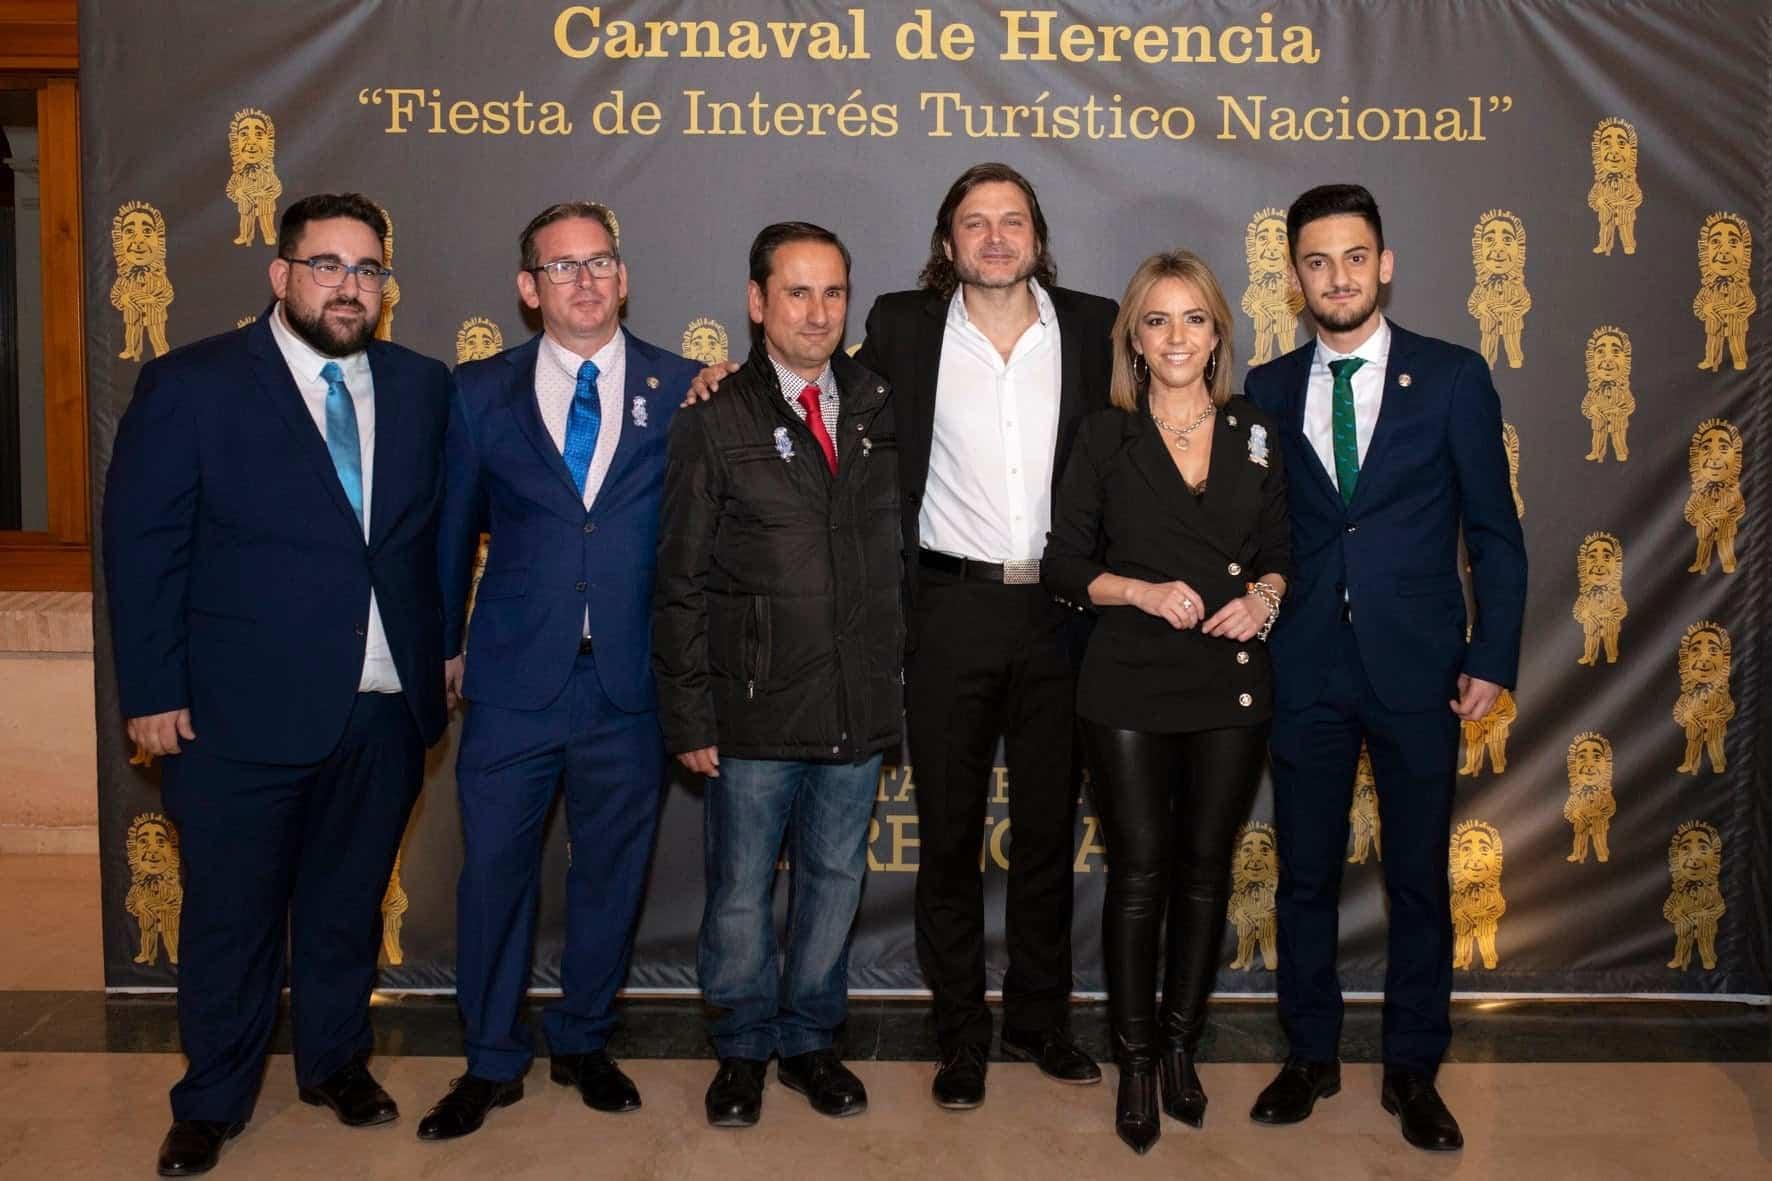 Inauguración del Carnaval de Herencia 2020 103